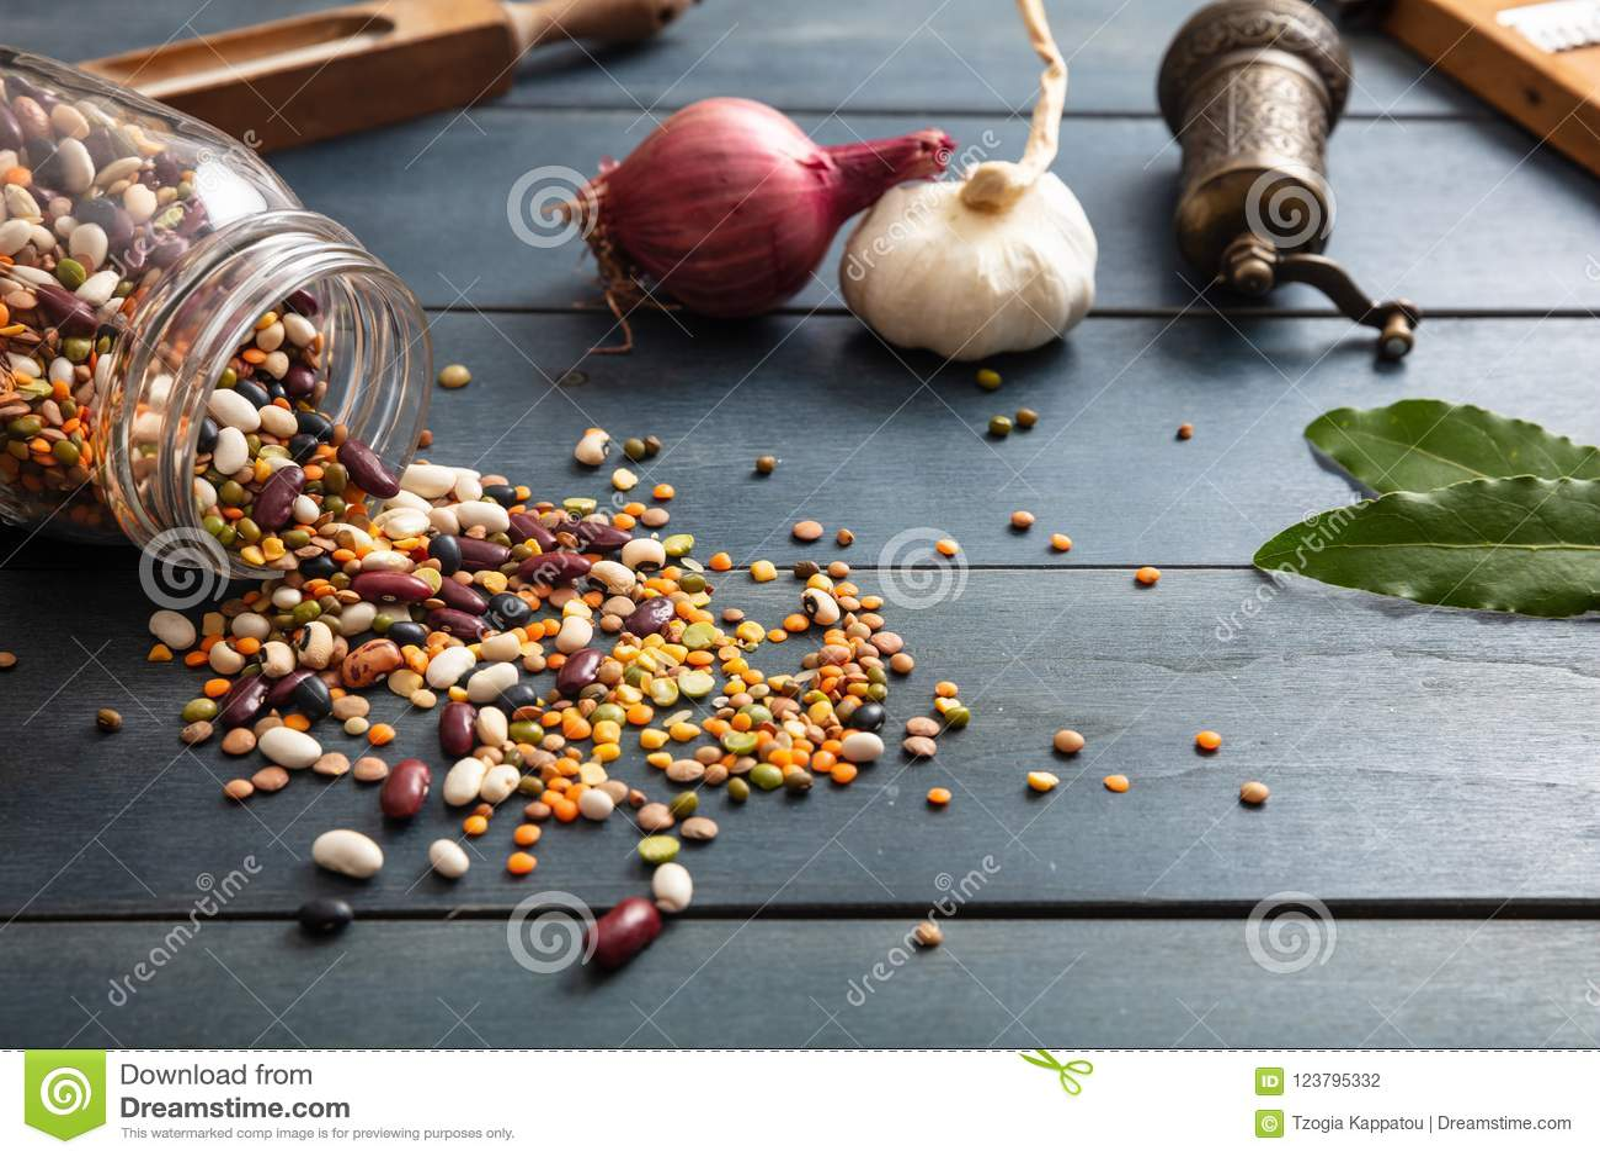 关闭豆类的分类在一个玻璃瓶子的,溢出在一个木桌面背景、胡椒研磨机、葱、大蒜和花格